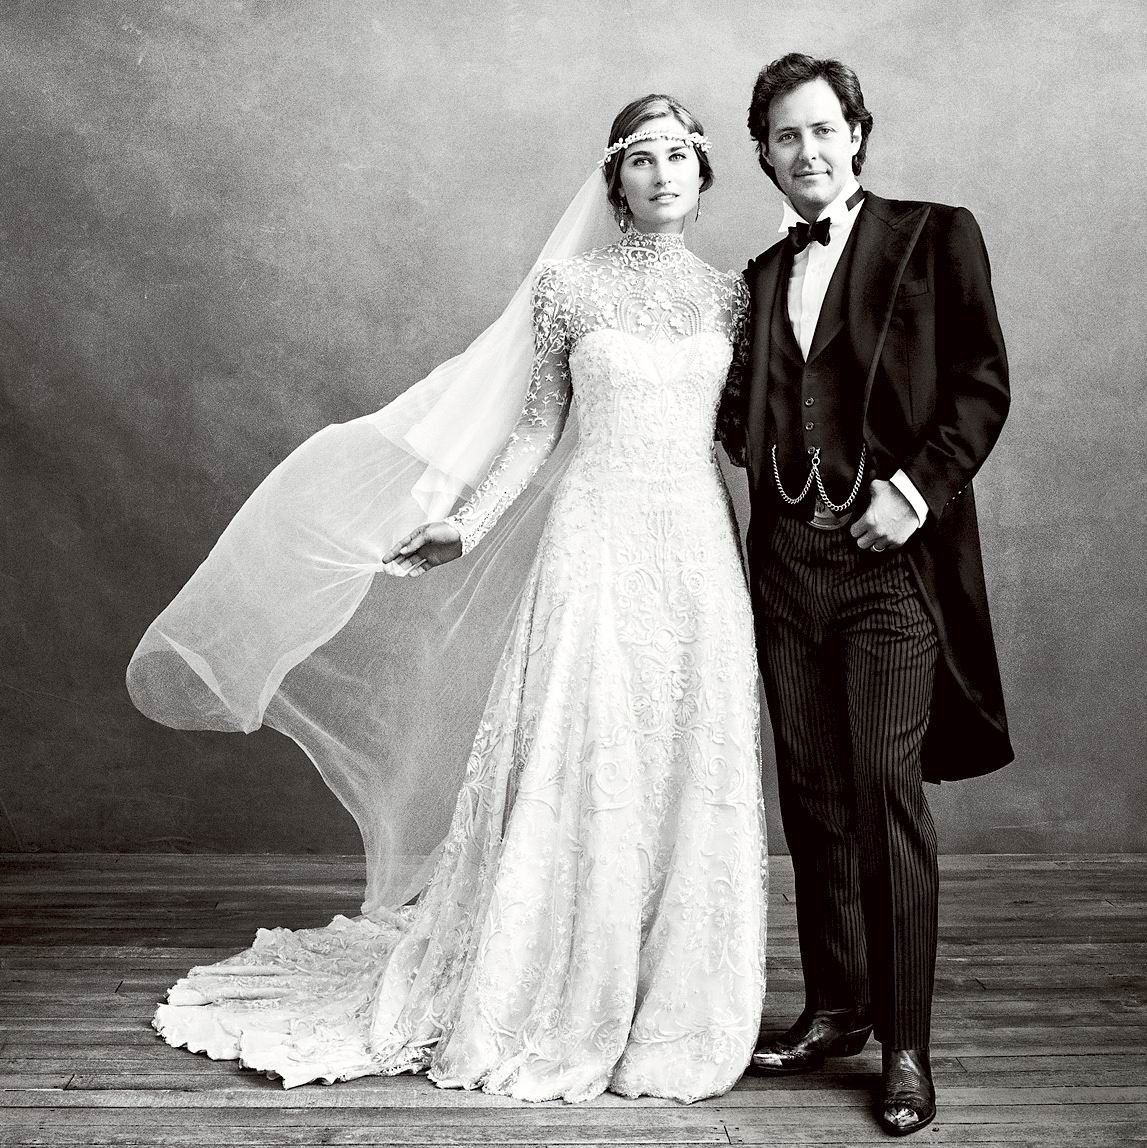 Nunta Romantică Ceva Albastru Ceva împrumutat Ceva Vintage Tendințe